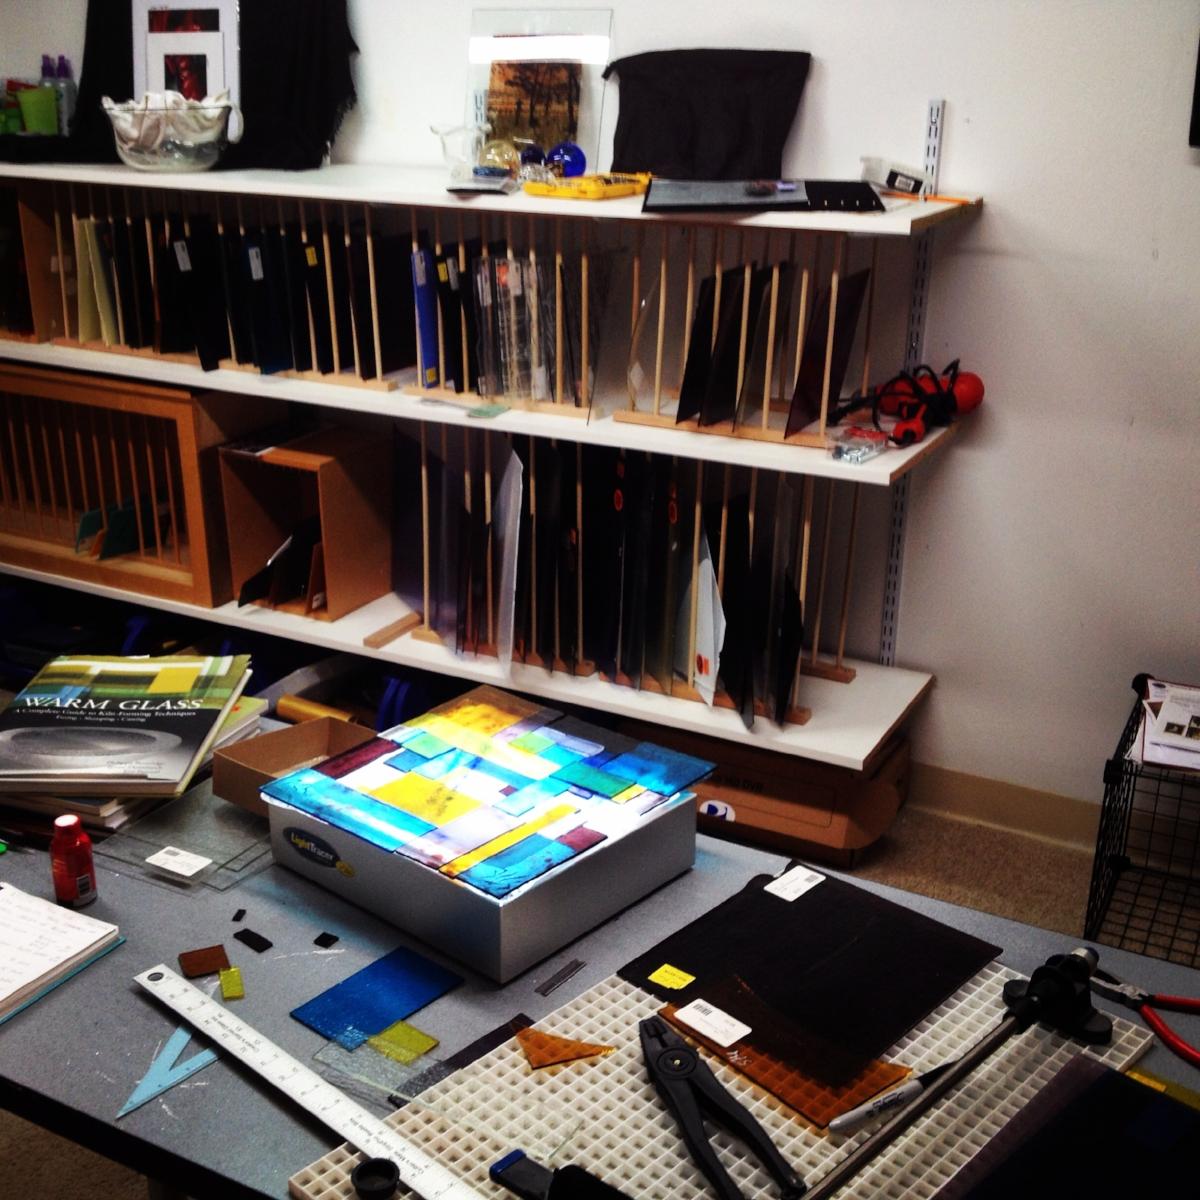 A glimpse into Laura McCracken's home fused glass studio.